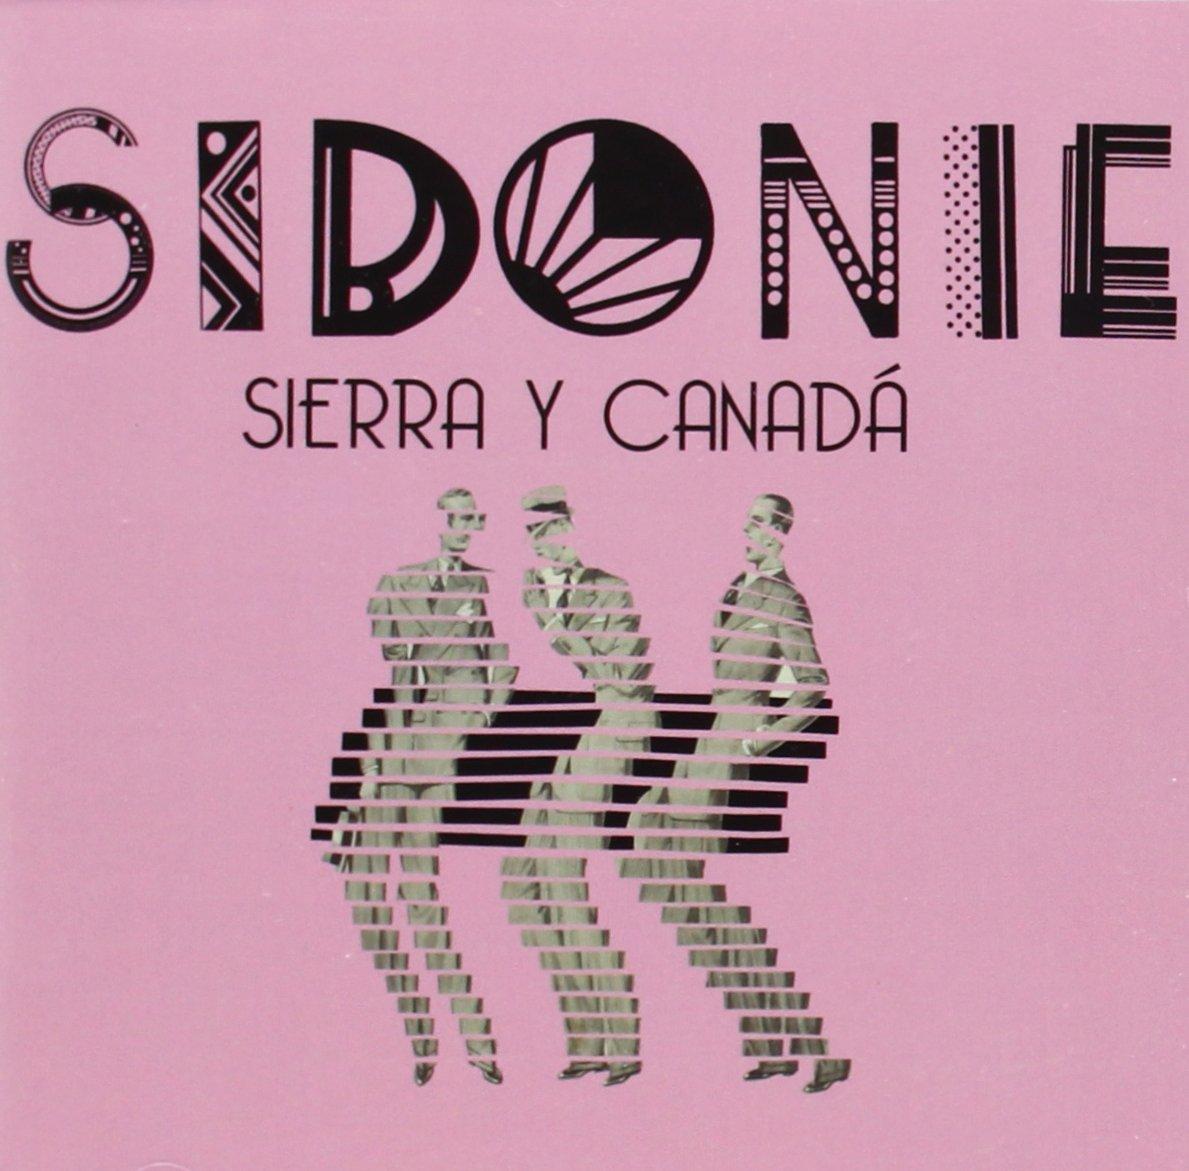 Sierra Y Canadá